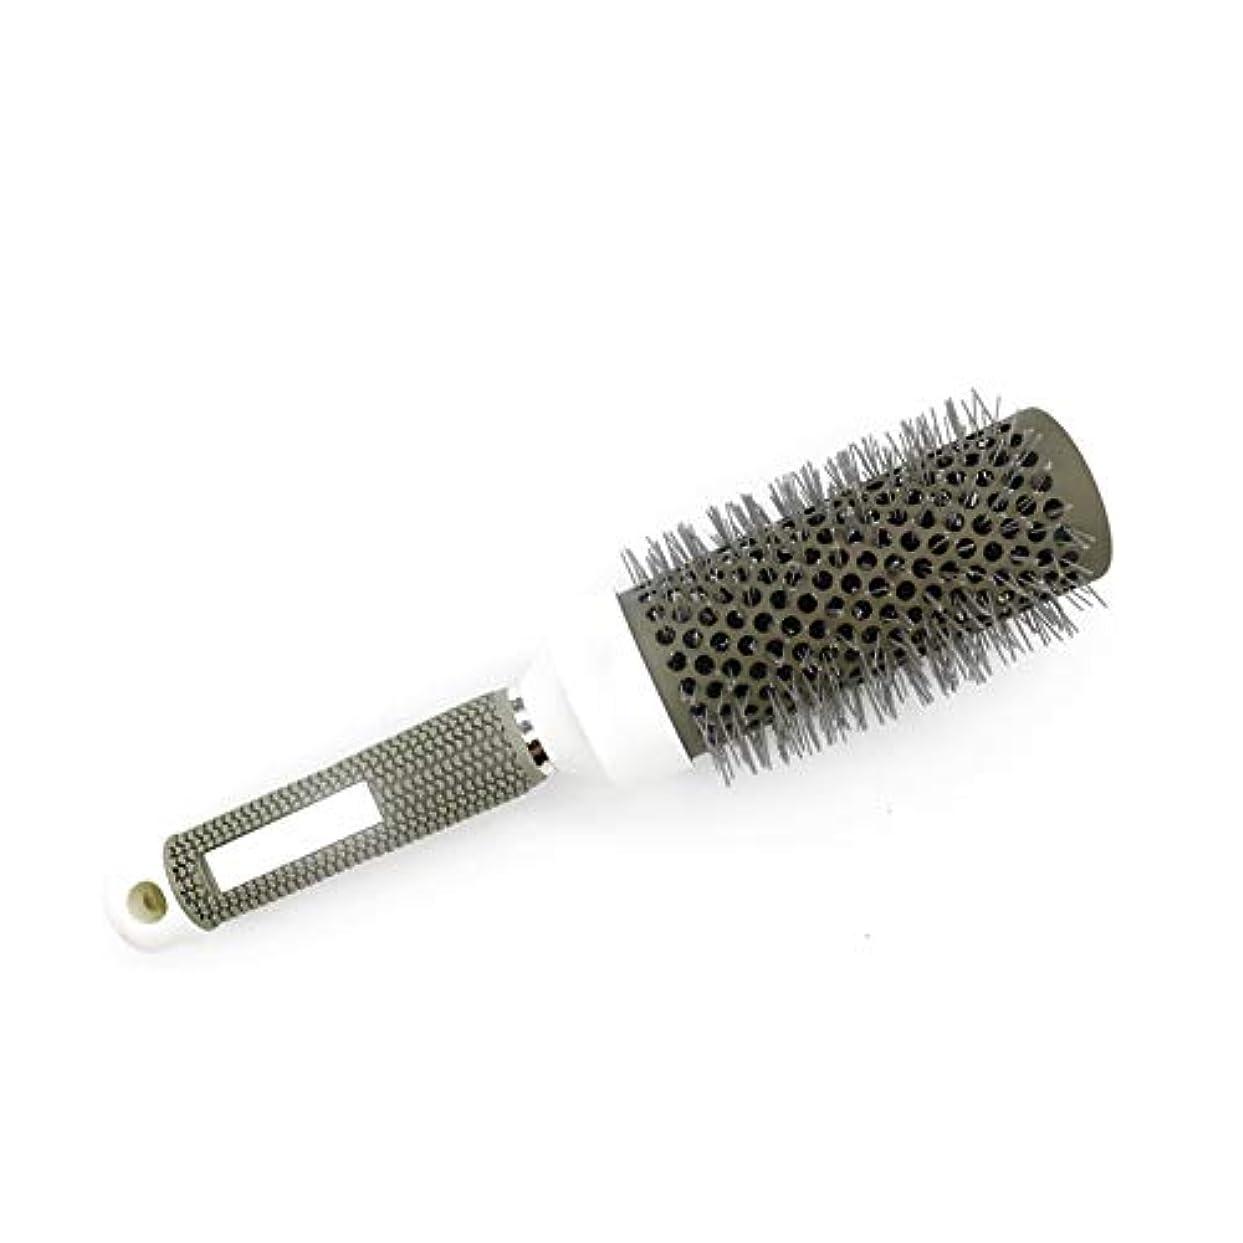 通知する流体人間丸いブラシ毛の櫛セラミック円筒アルミニウムローラーチューブ45ミリメートル美容ヘアドライヤー